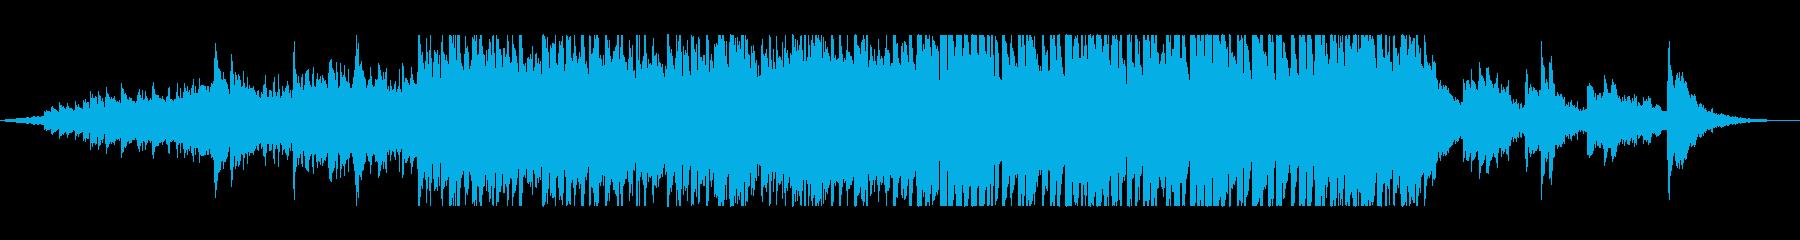 ギターのメロディが特徴的な幻想的なBGMの再生済みの波形